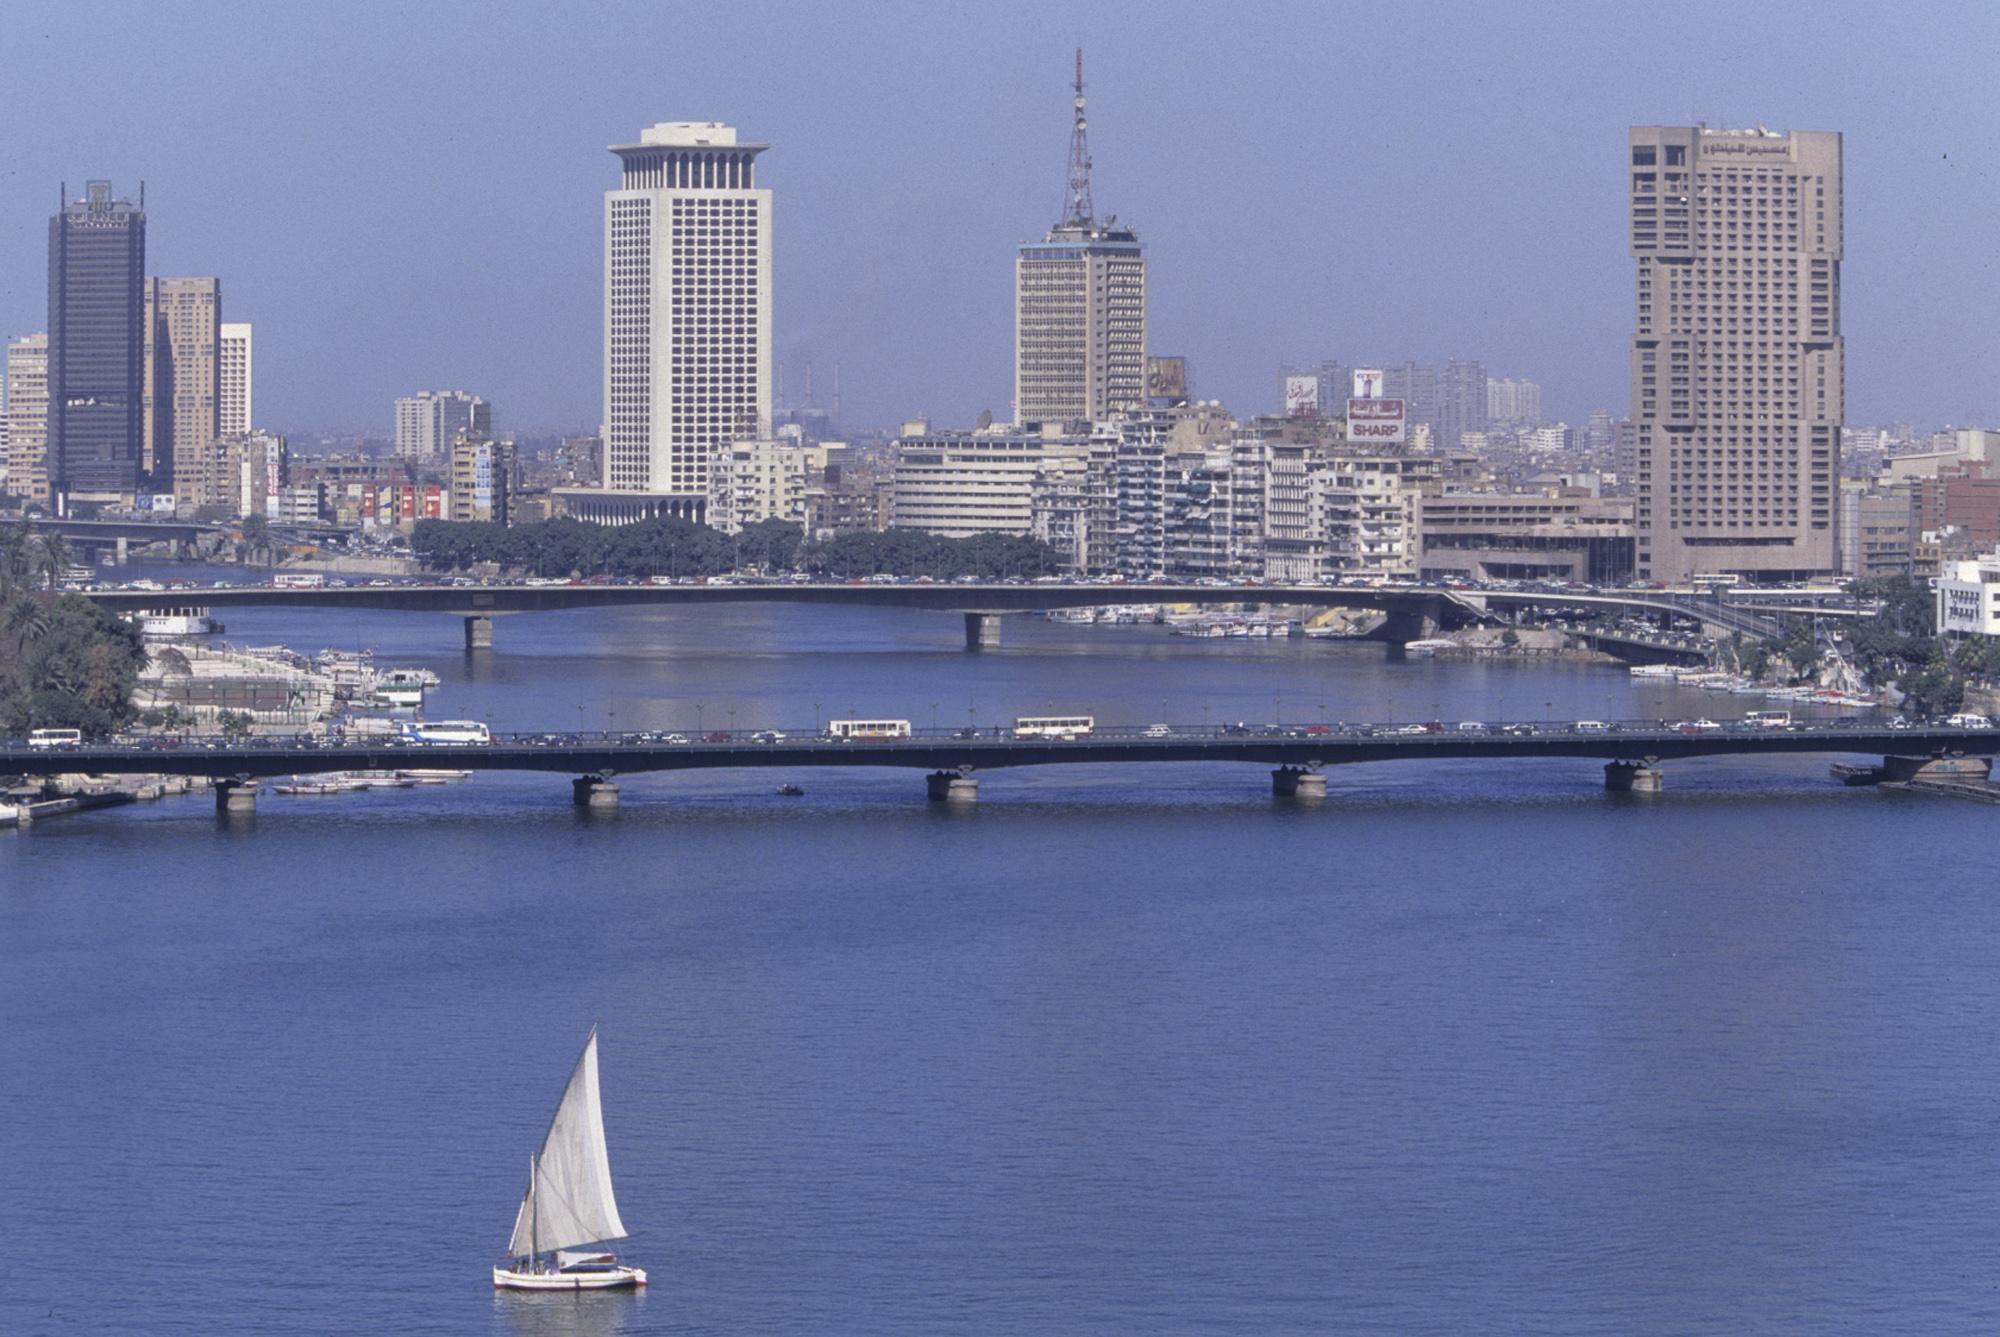 Felouque sur le Nil (Le Caire, EGYPTE, 1999) Copyright ALAIN GADOFFRE